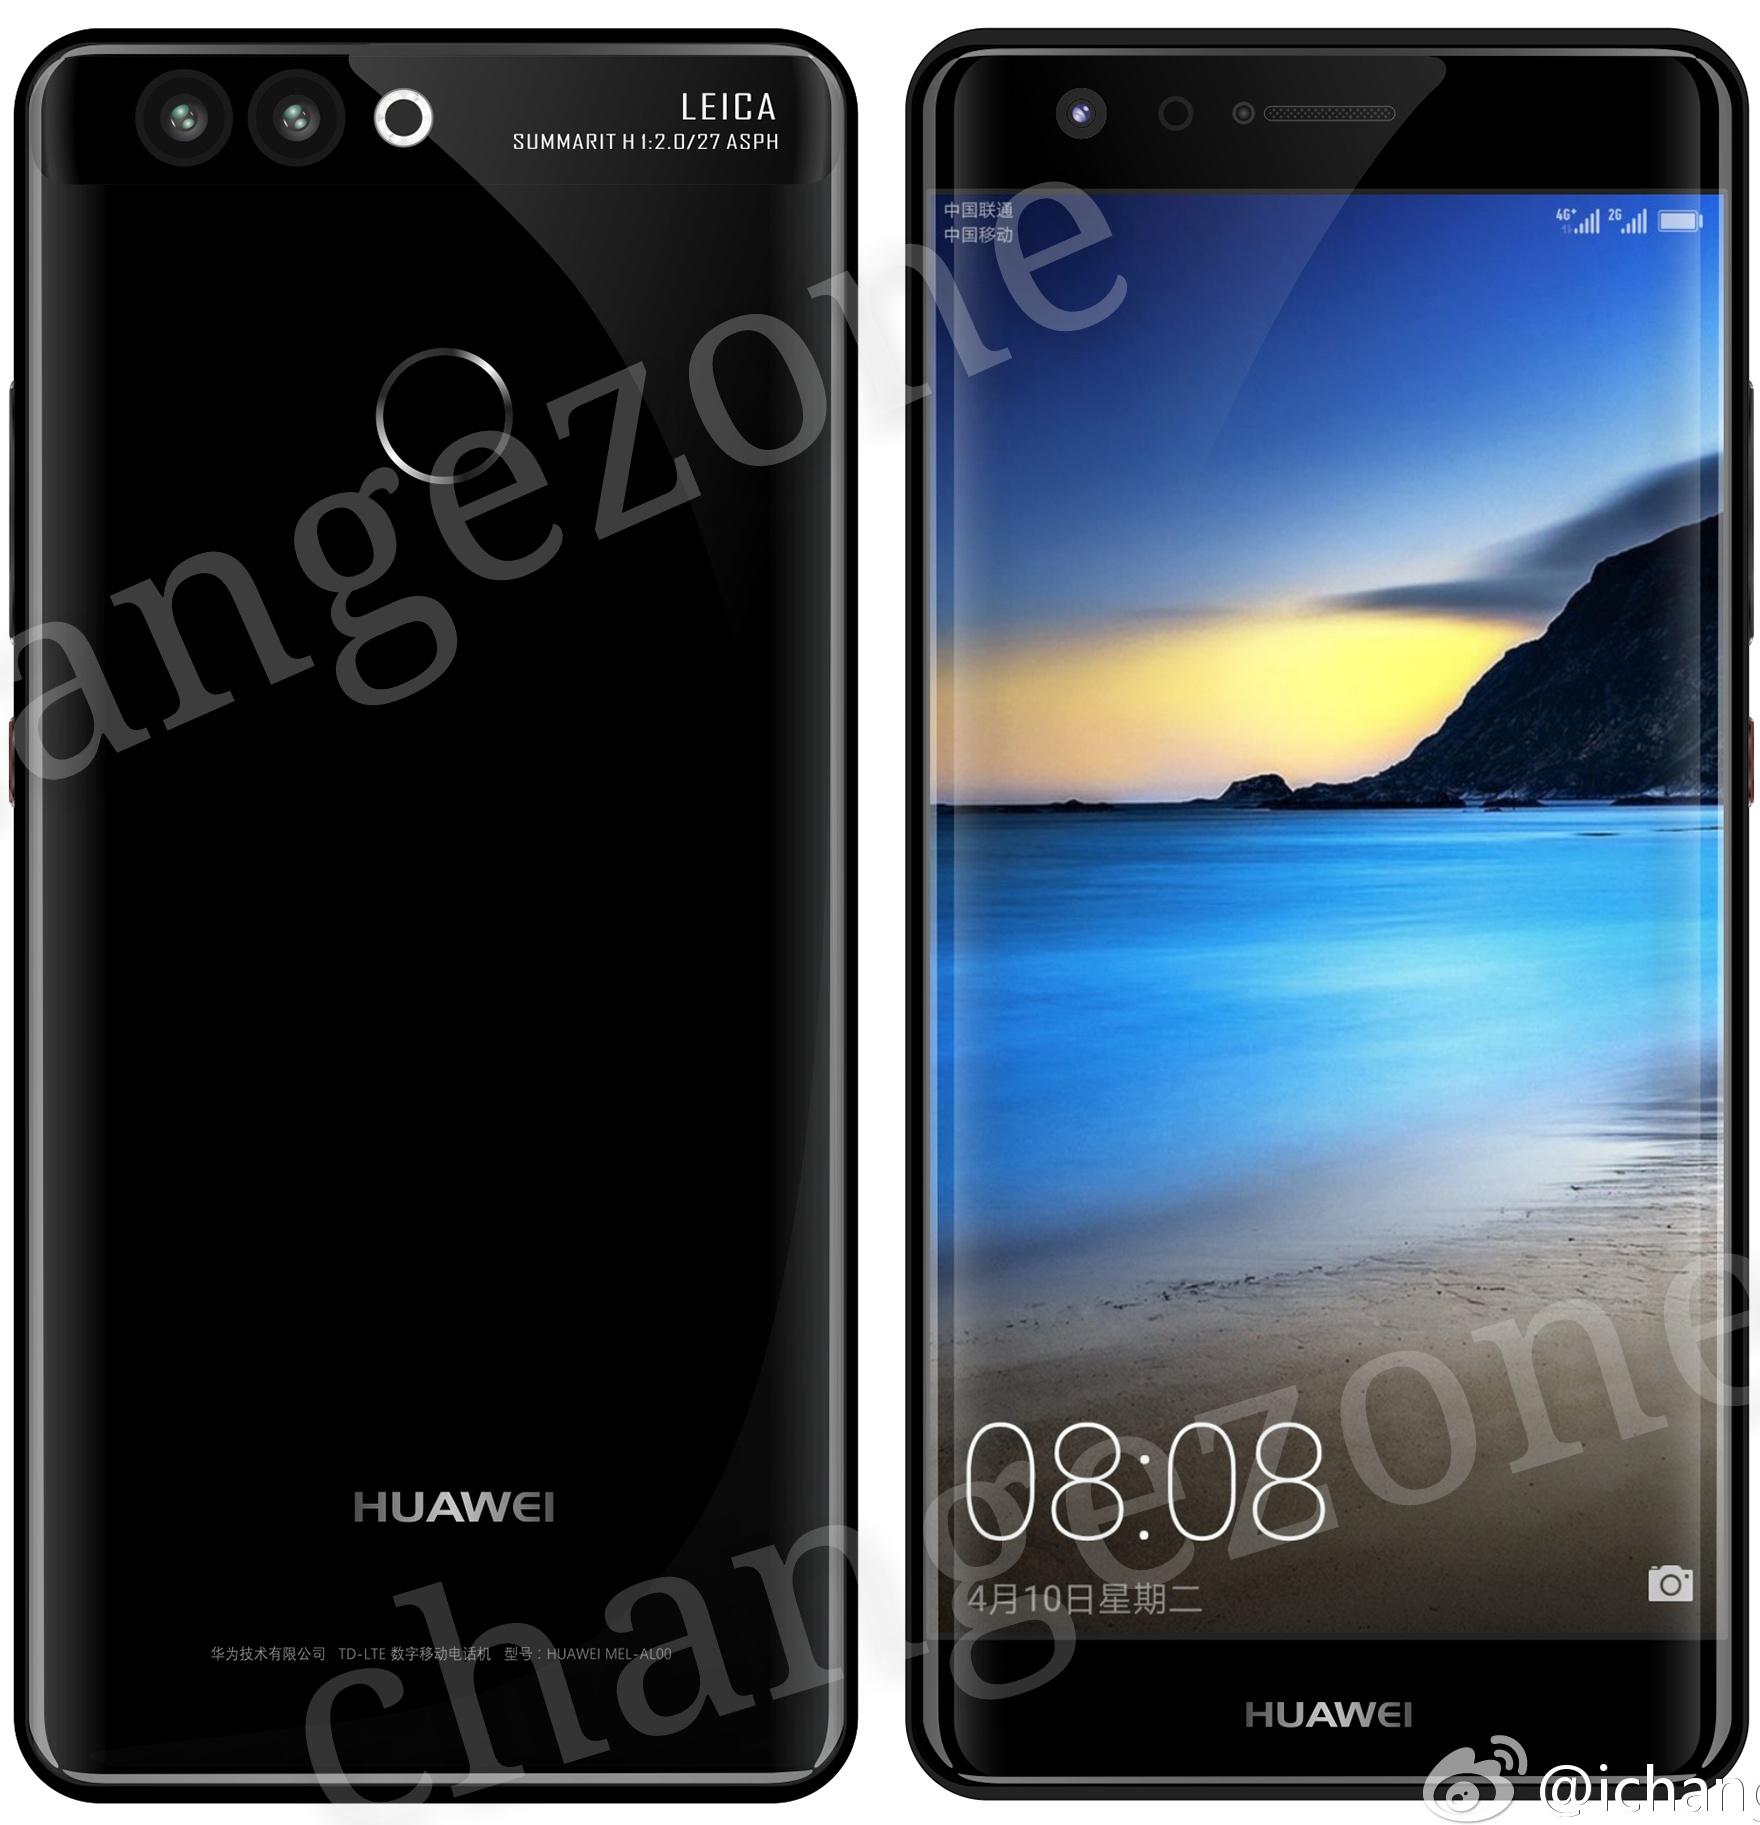 Le Huawei P10 pourrait être accompagné d'un chargeur sans fil et d'un écran incurvé